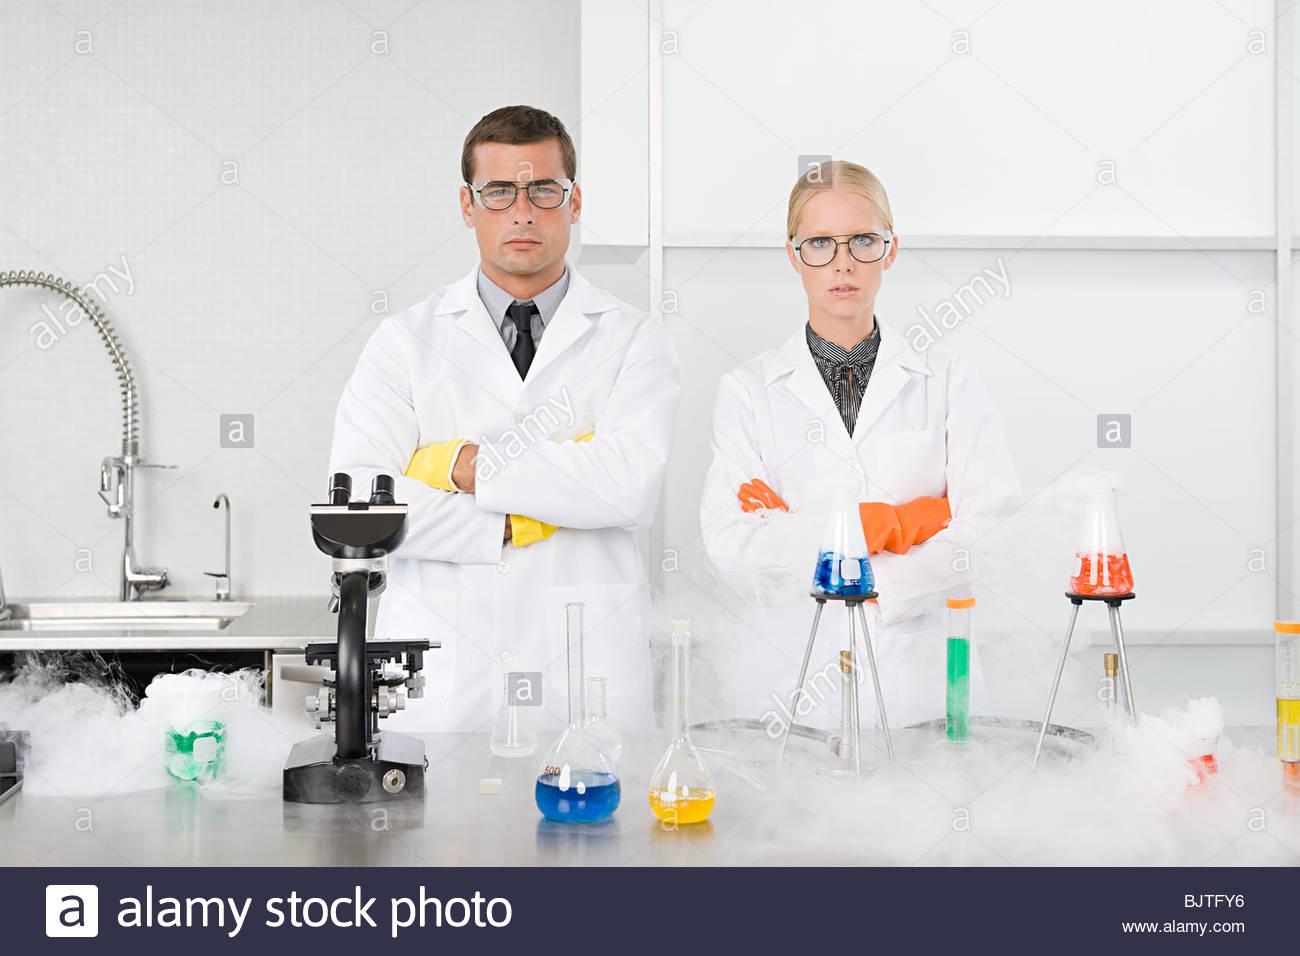 Retrato de los científicos en el laboratorio Imagen De Stock